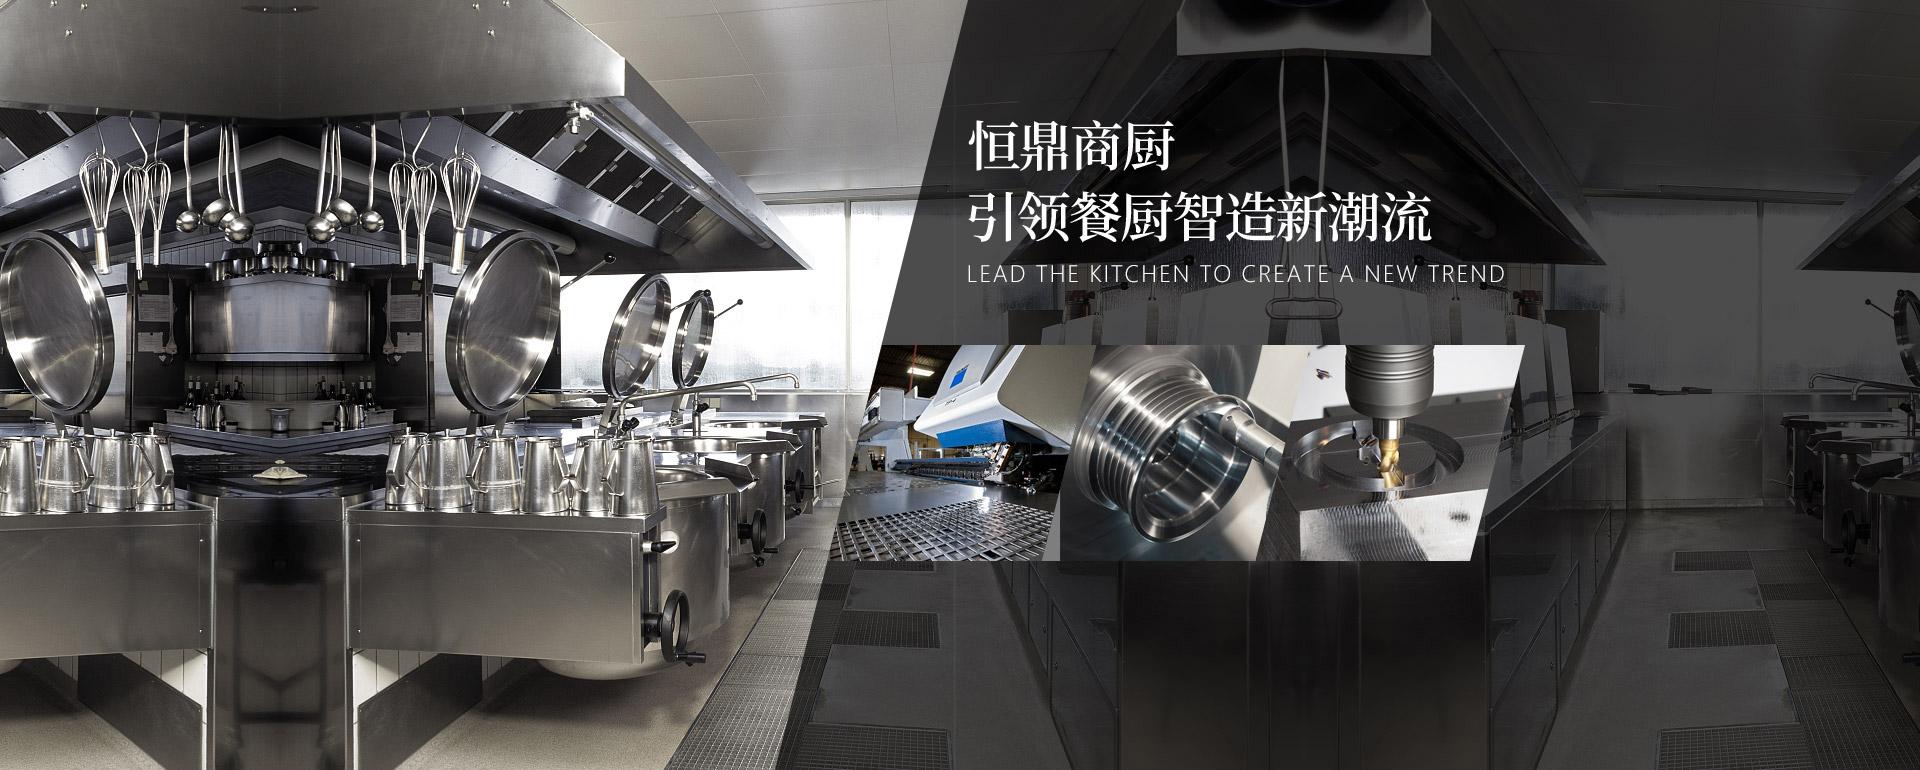 恒鼎商用廚房工程引領餐廚新潮流